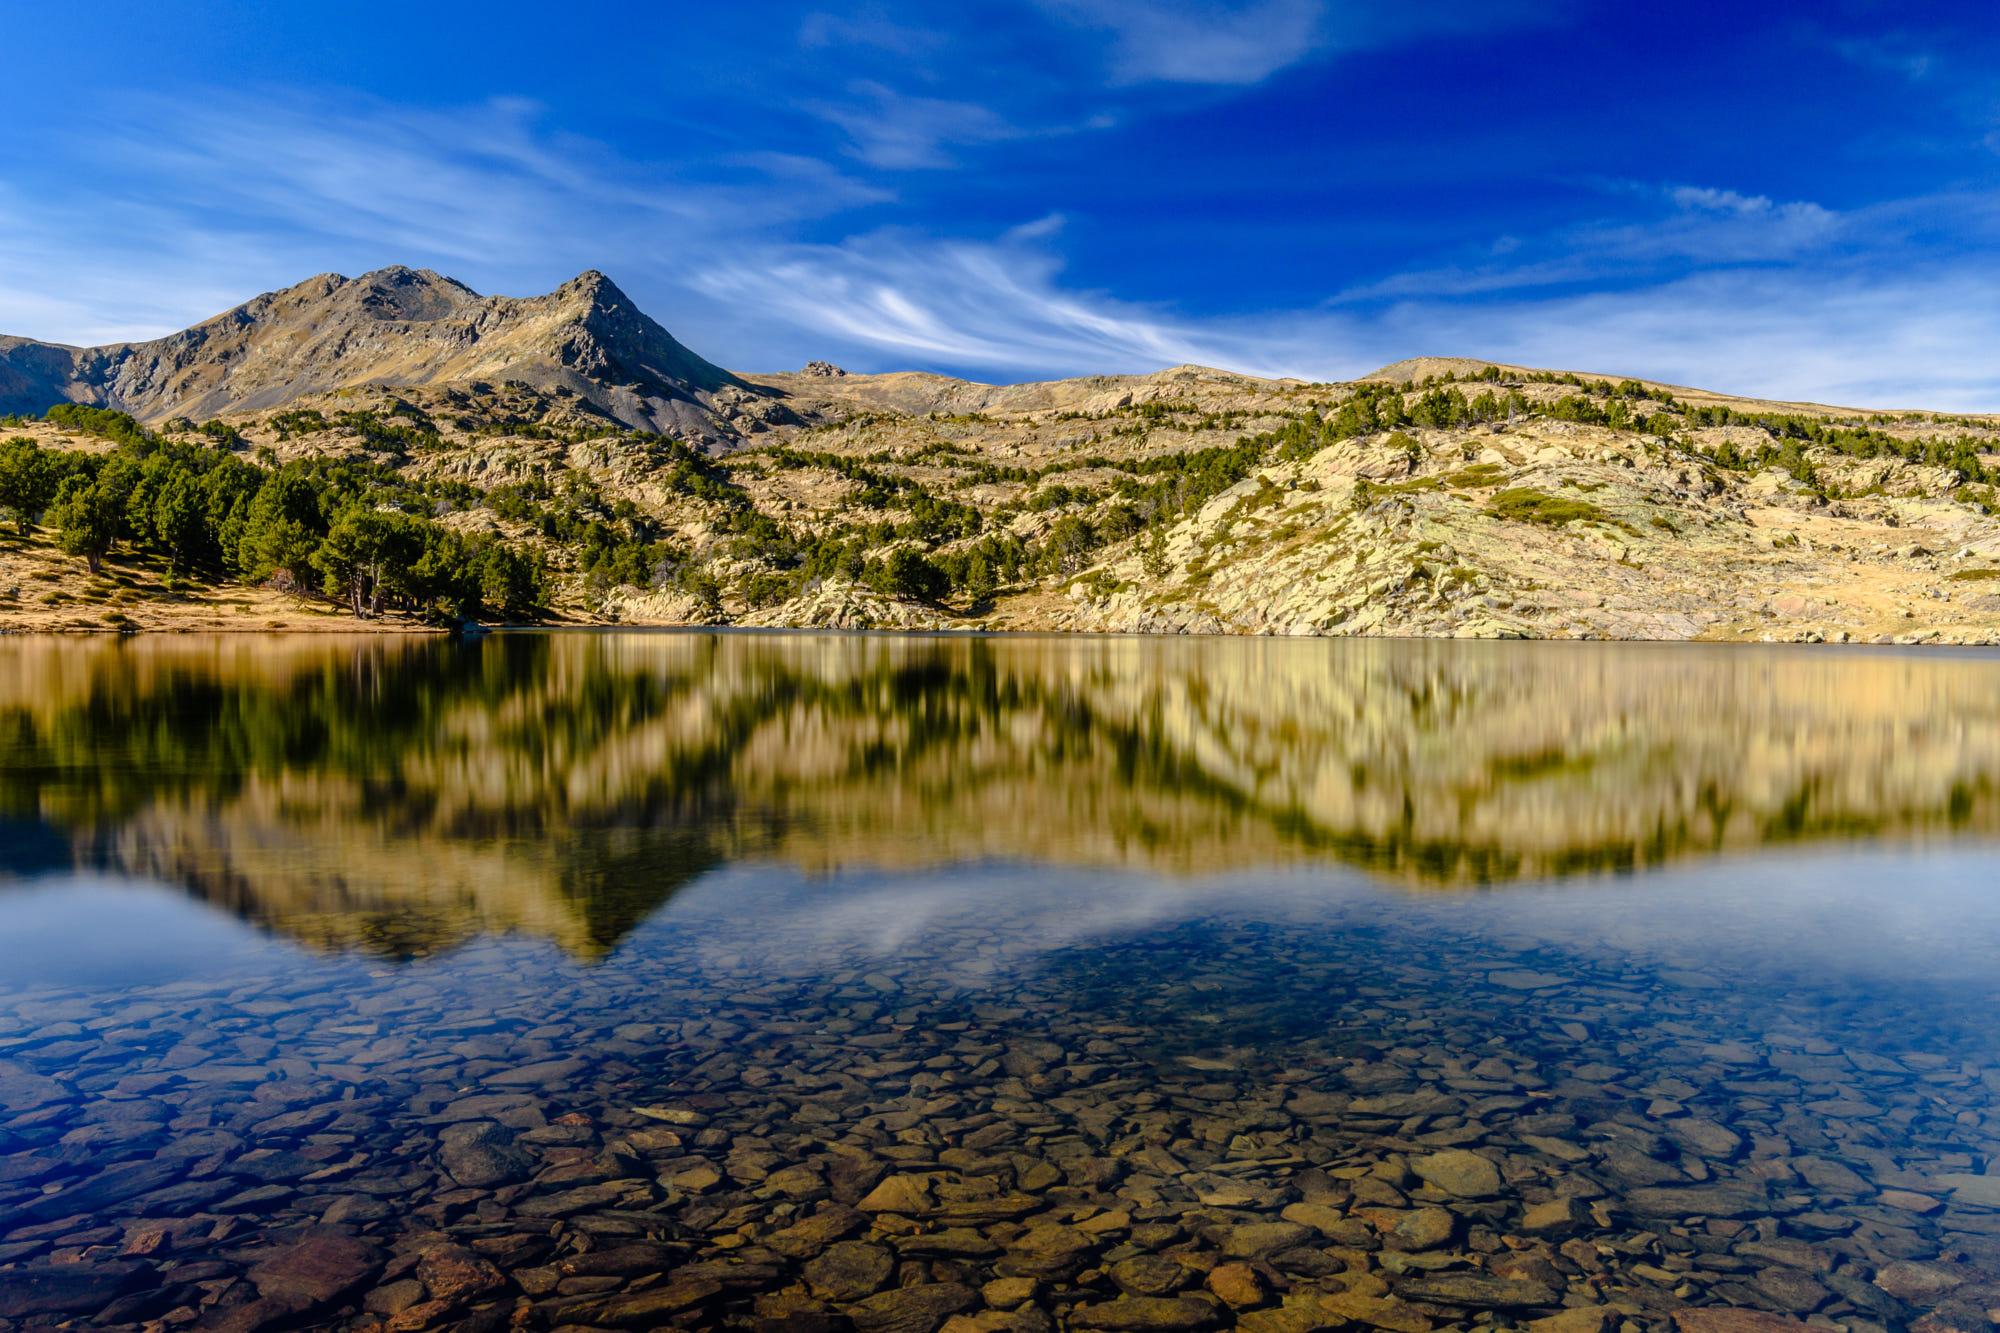 Lake reflections at Camporells